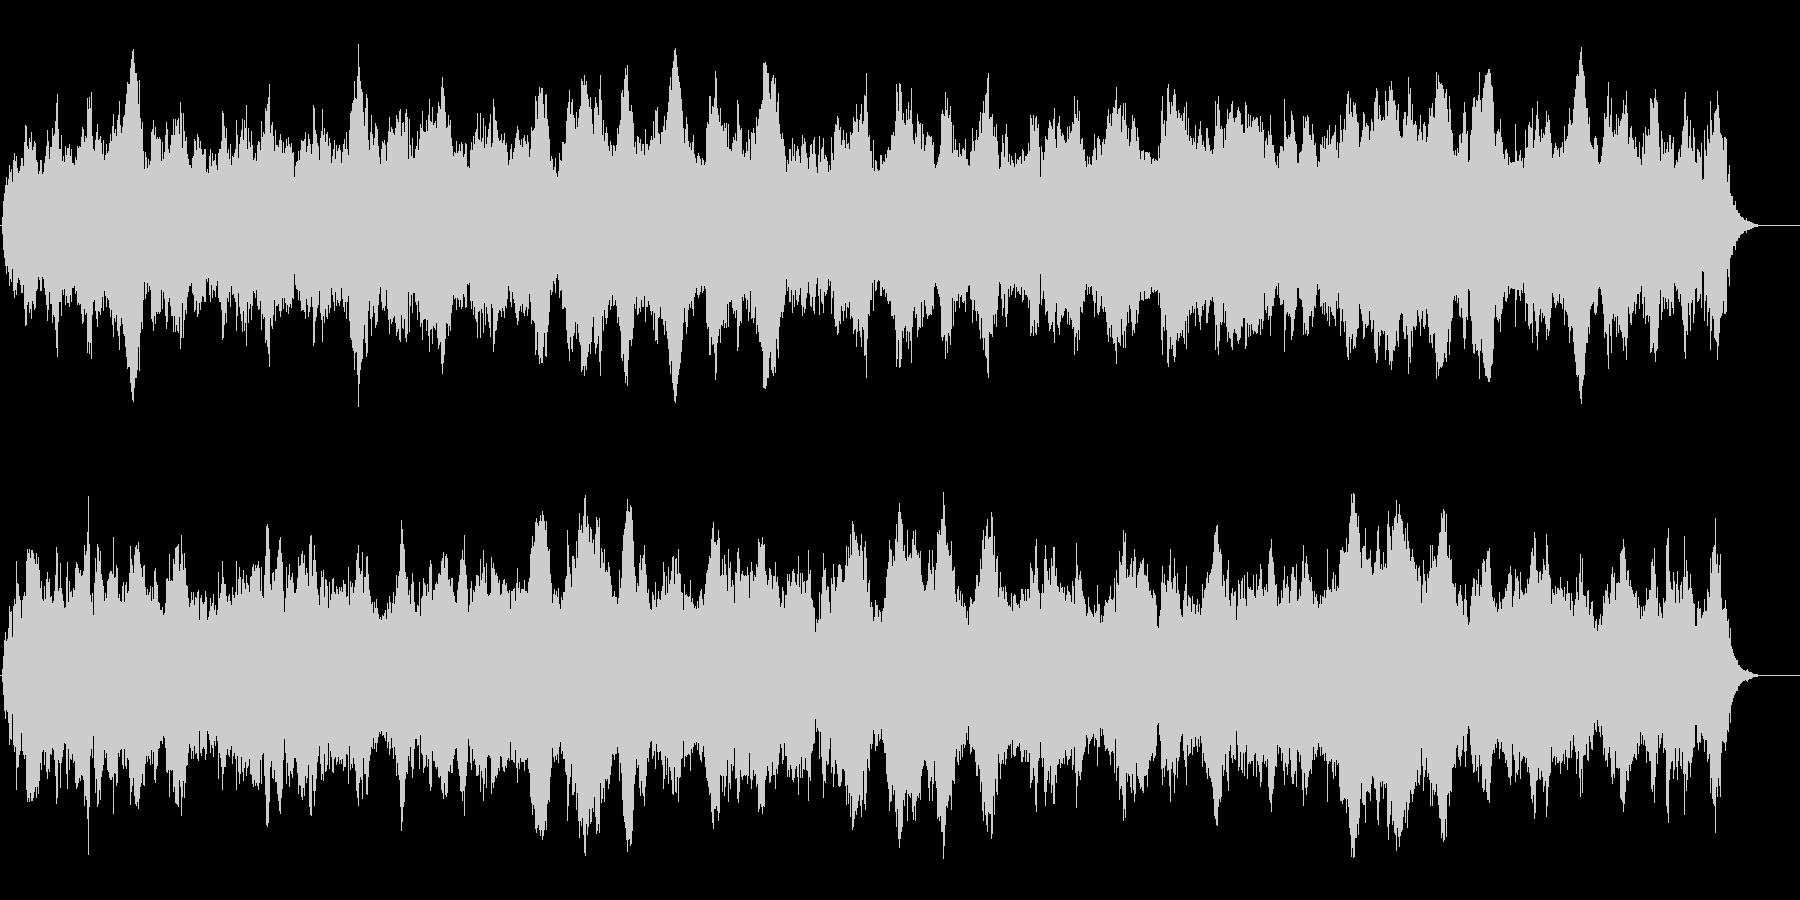 早朝の森に響き渡る静穏なアンビ系BGMの未再生の波形